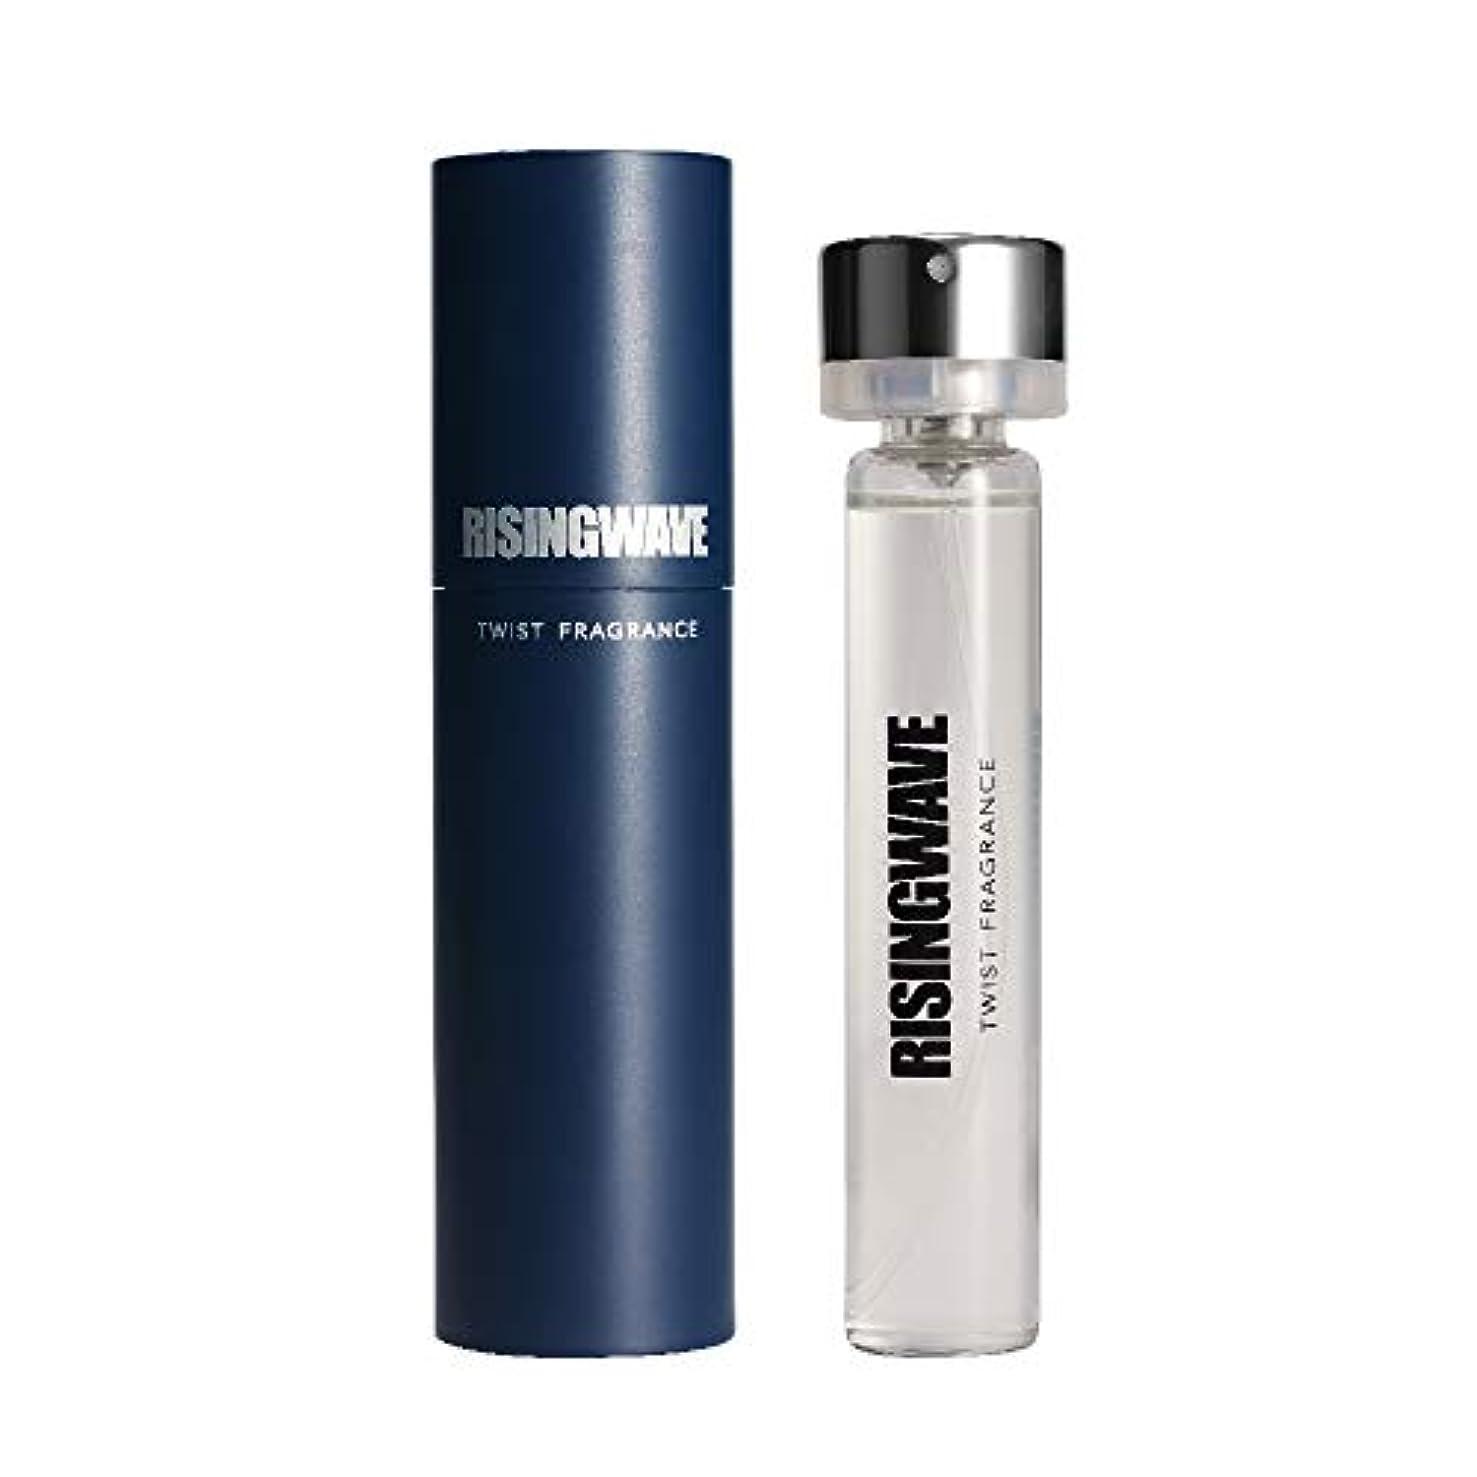 葬儀気分が良いそこRISINGWAVE(ライジングウェーブ) ライジングウェーブ ツイストフレグランス(トランスオーシャン) 携帯ケース+詰め替え用ボトル20ml